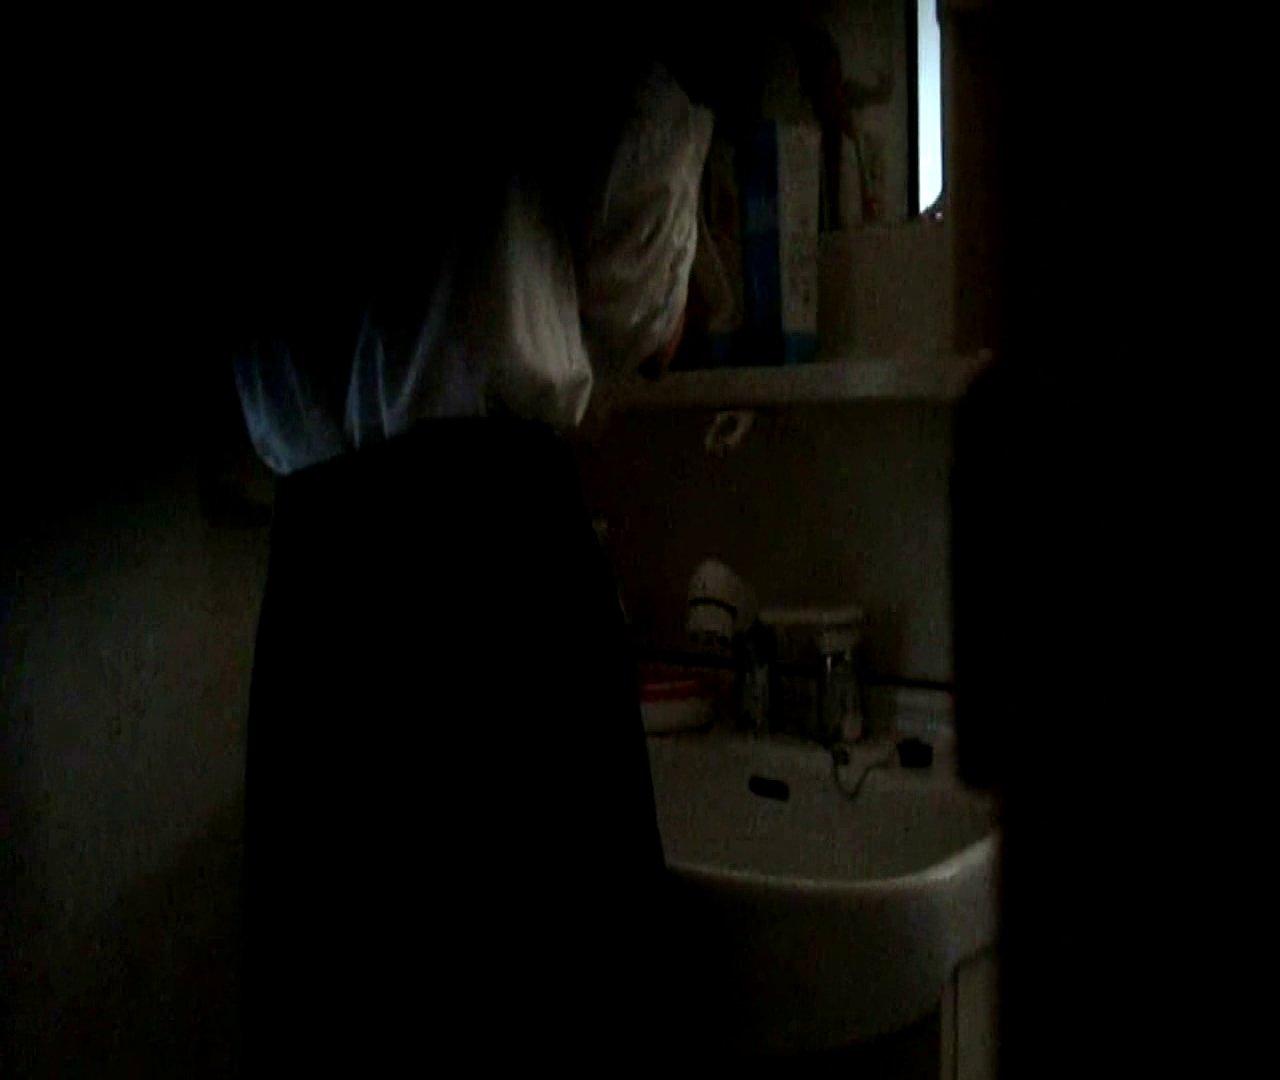 二人とも育てた甲斐がありました… vol.05 まどかが洗顔後にブラを洗濯 HなOL | 0  98pic 36